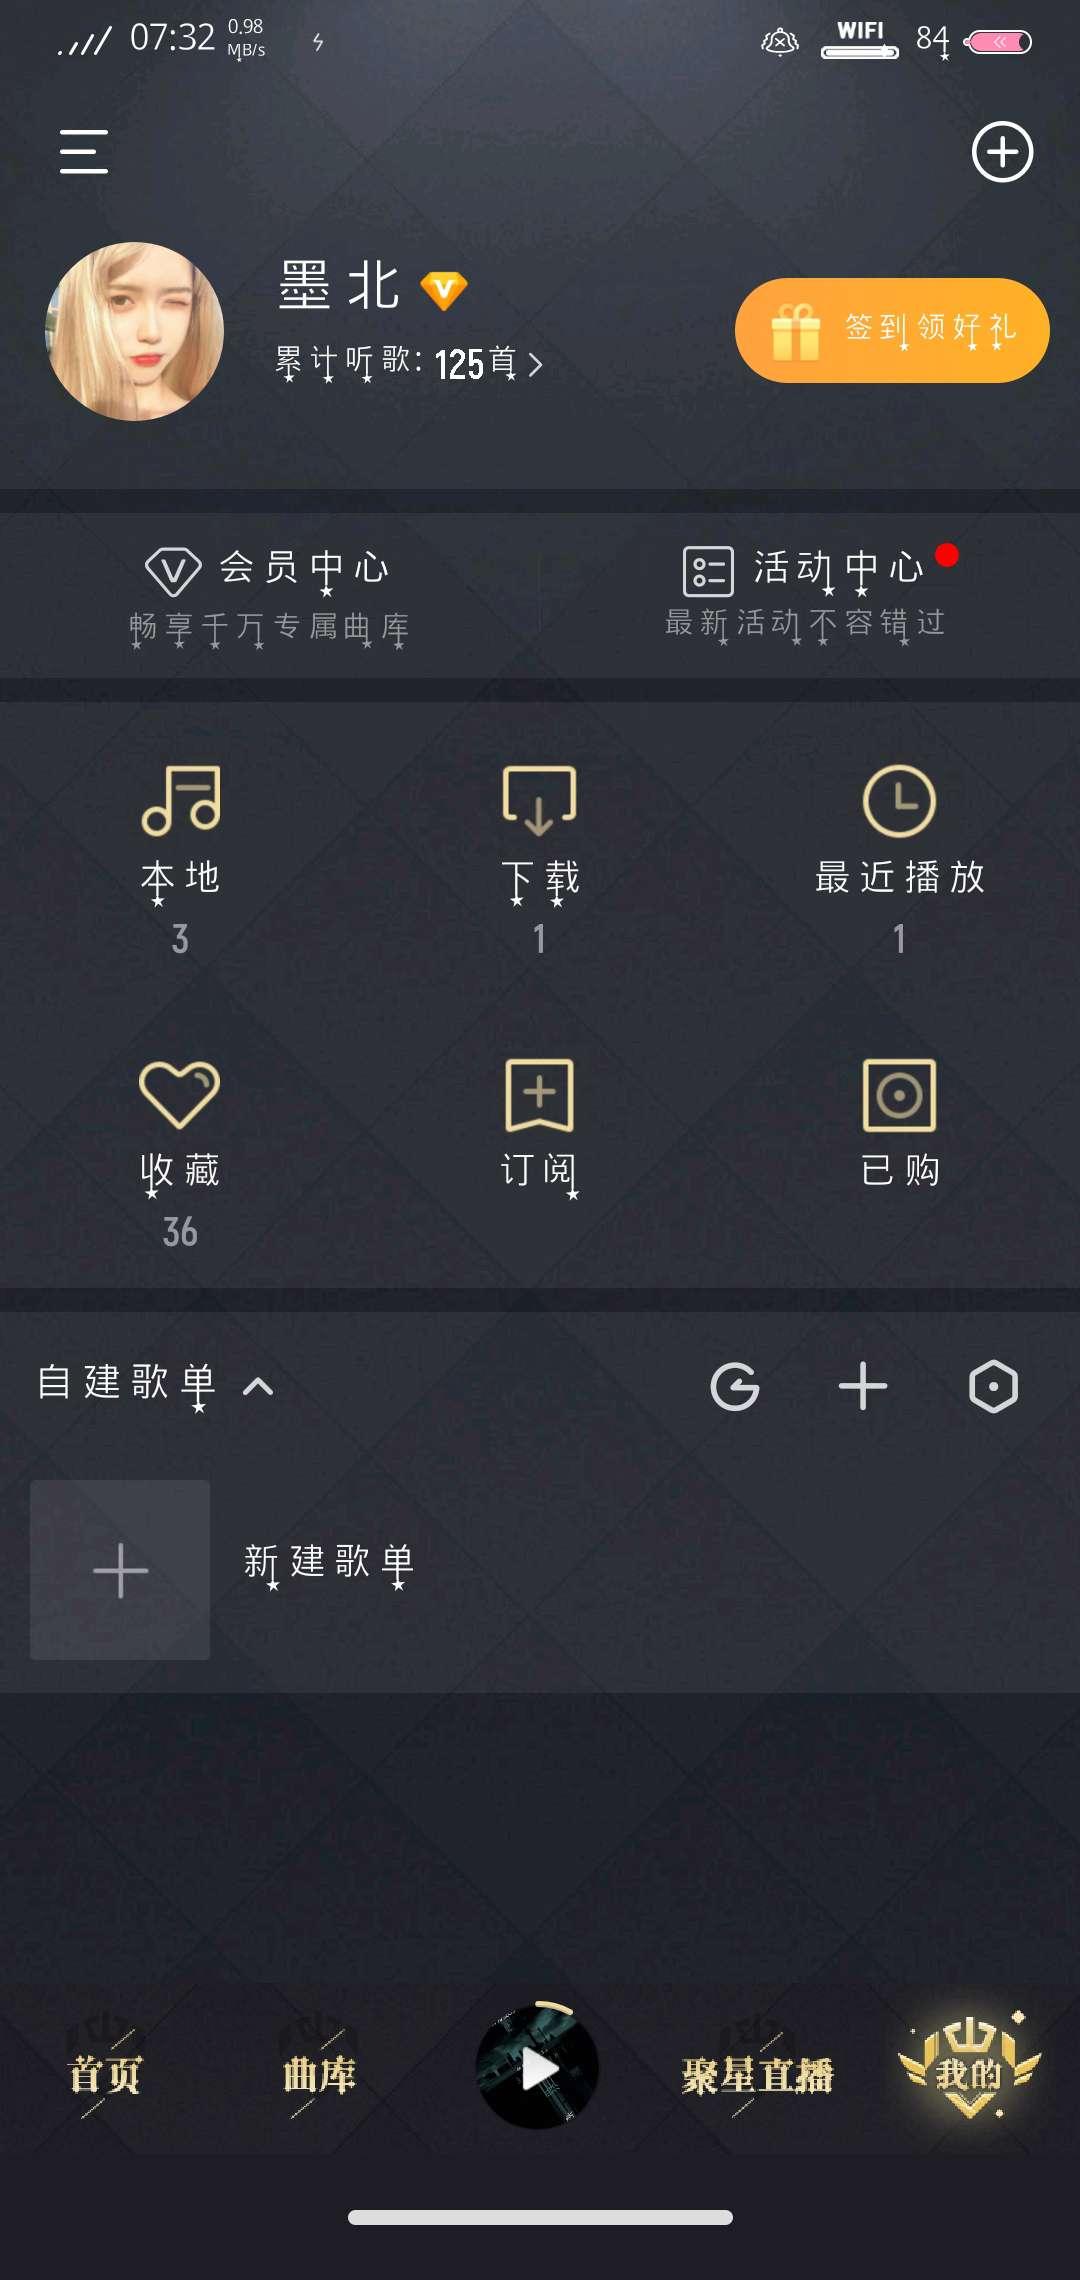 【软件分享】酷我音乐 9.3.1.4最新破解版